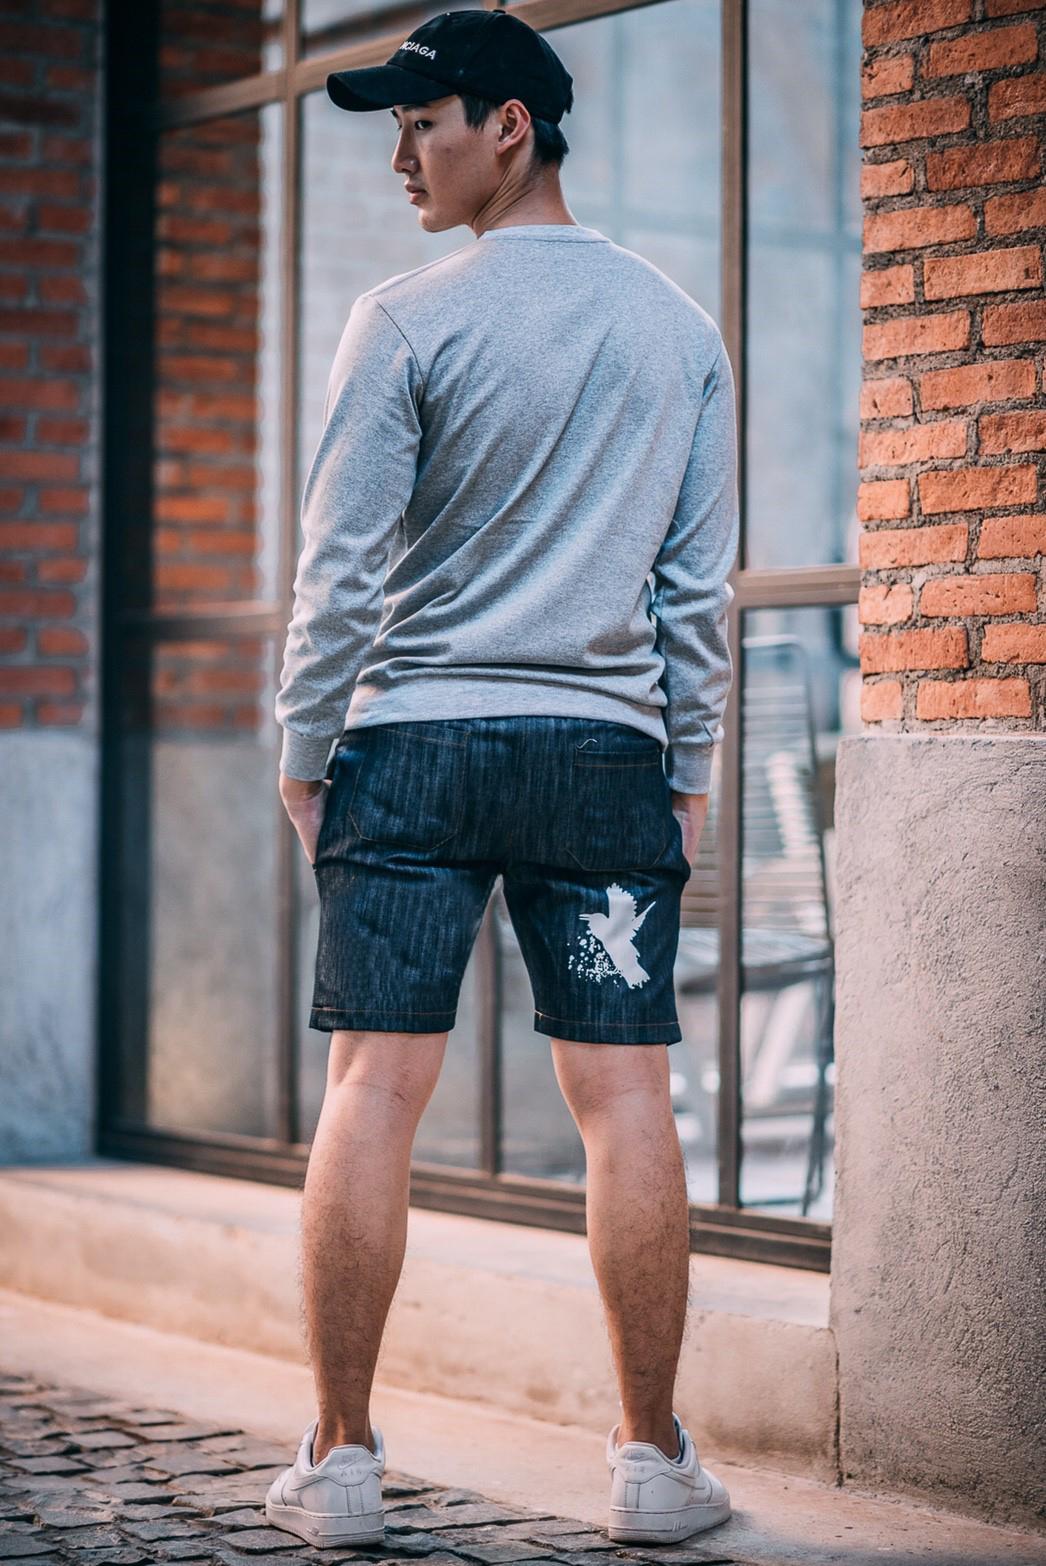 กางเกงขาสั้นยีนส์ Y210 BIRD สีเทาเข้ม แถบขาว สกรีนรูปนก